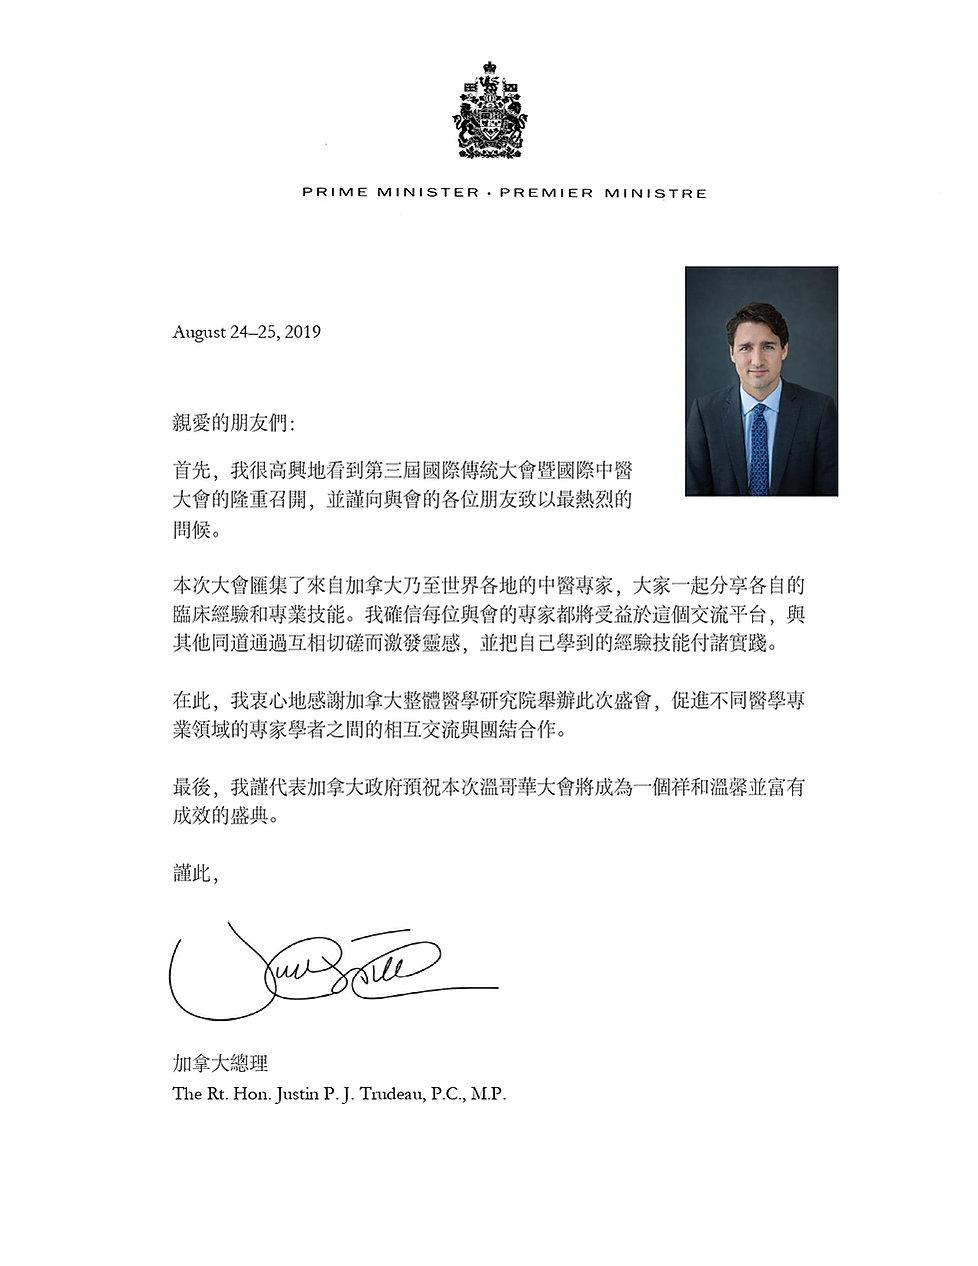 加拿大总理贺信_page-0001.jpg